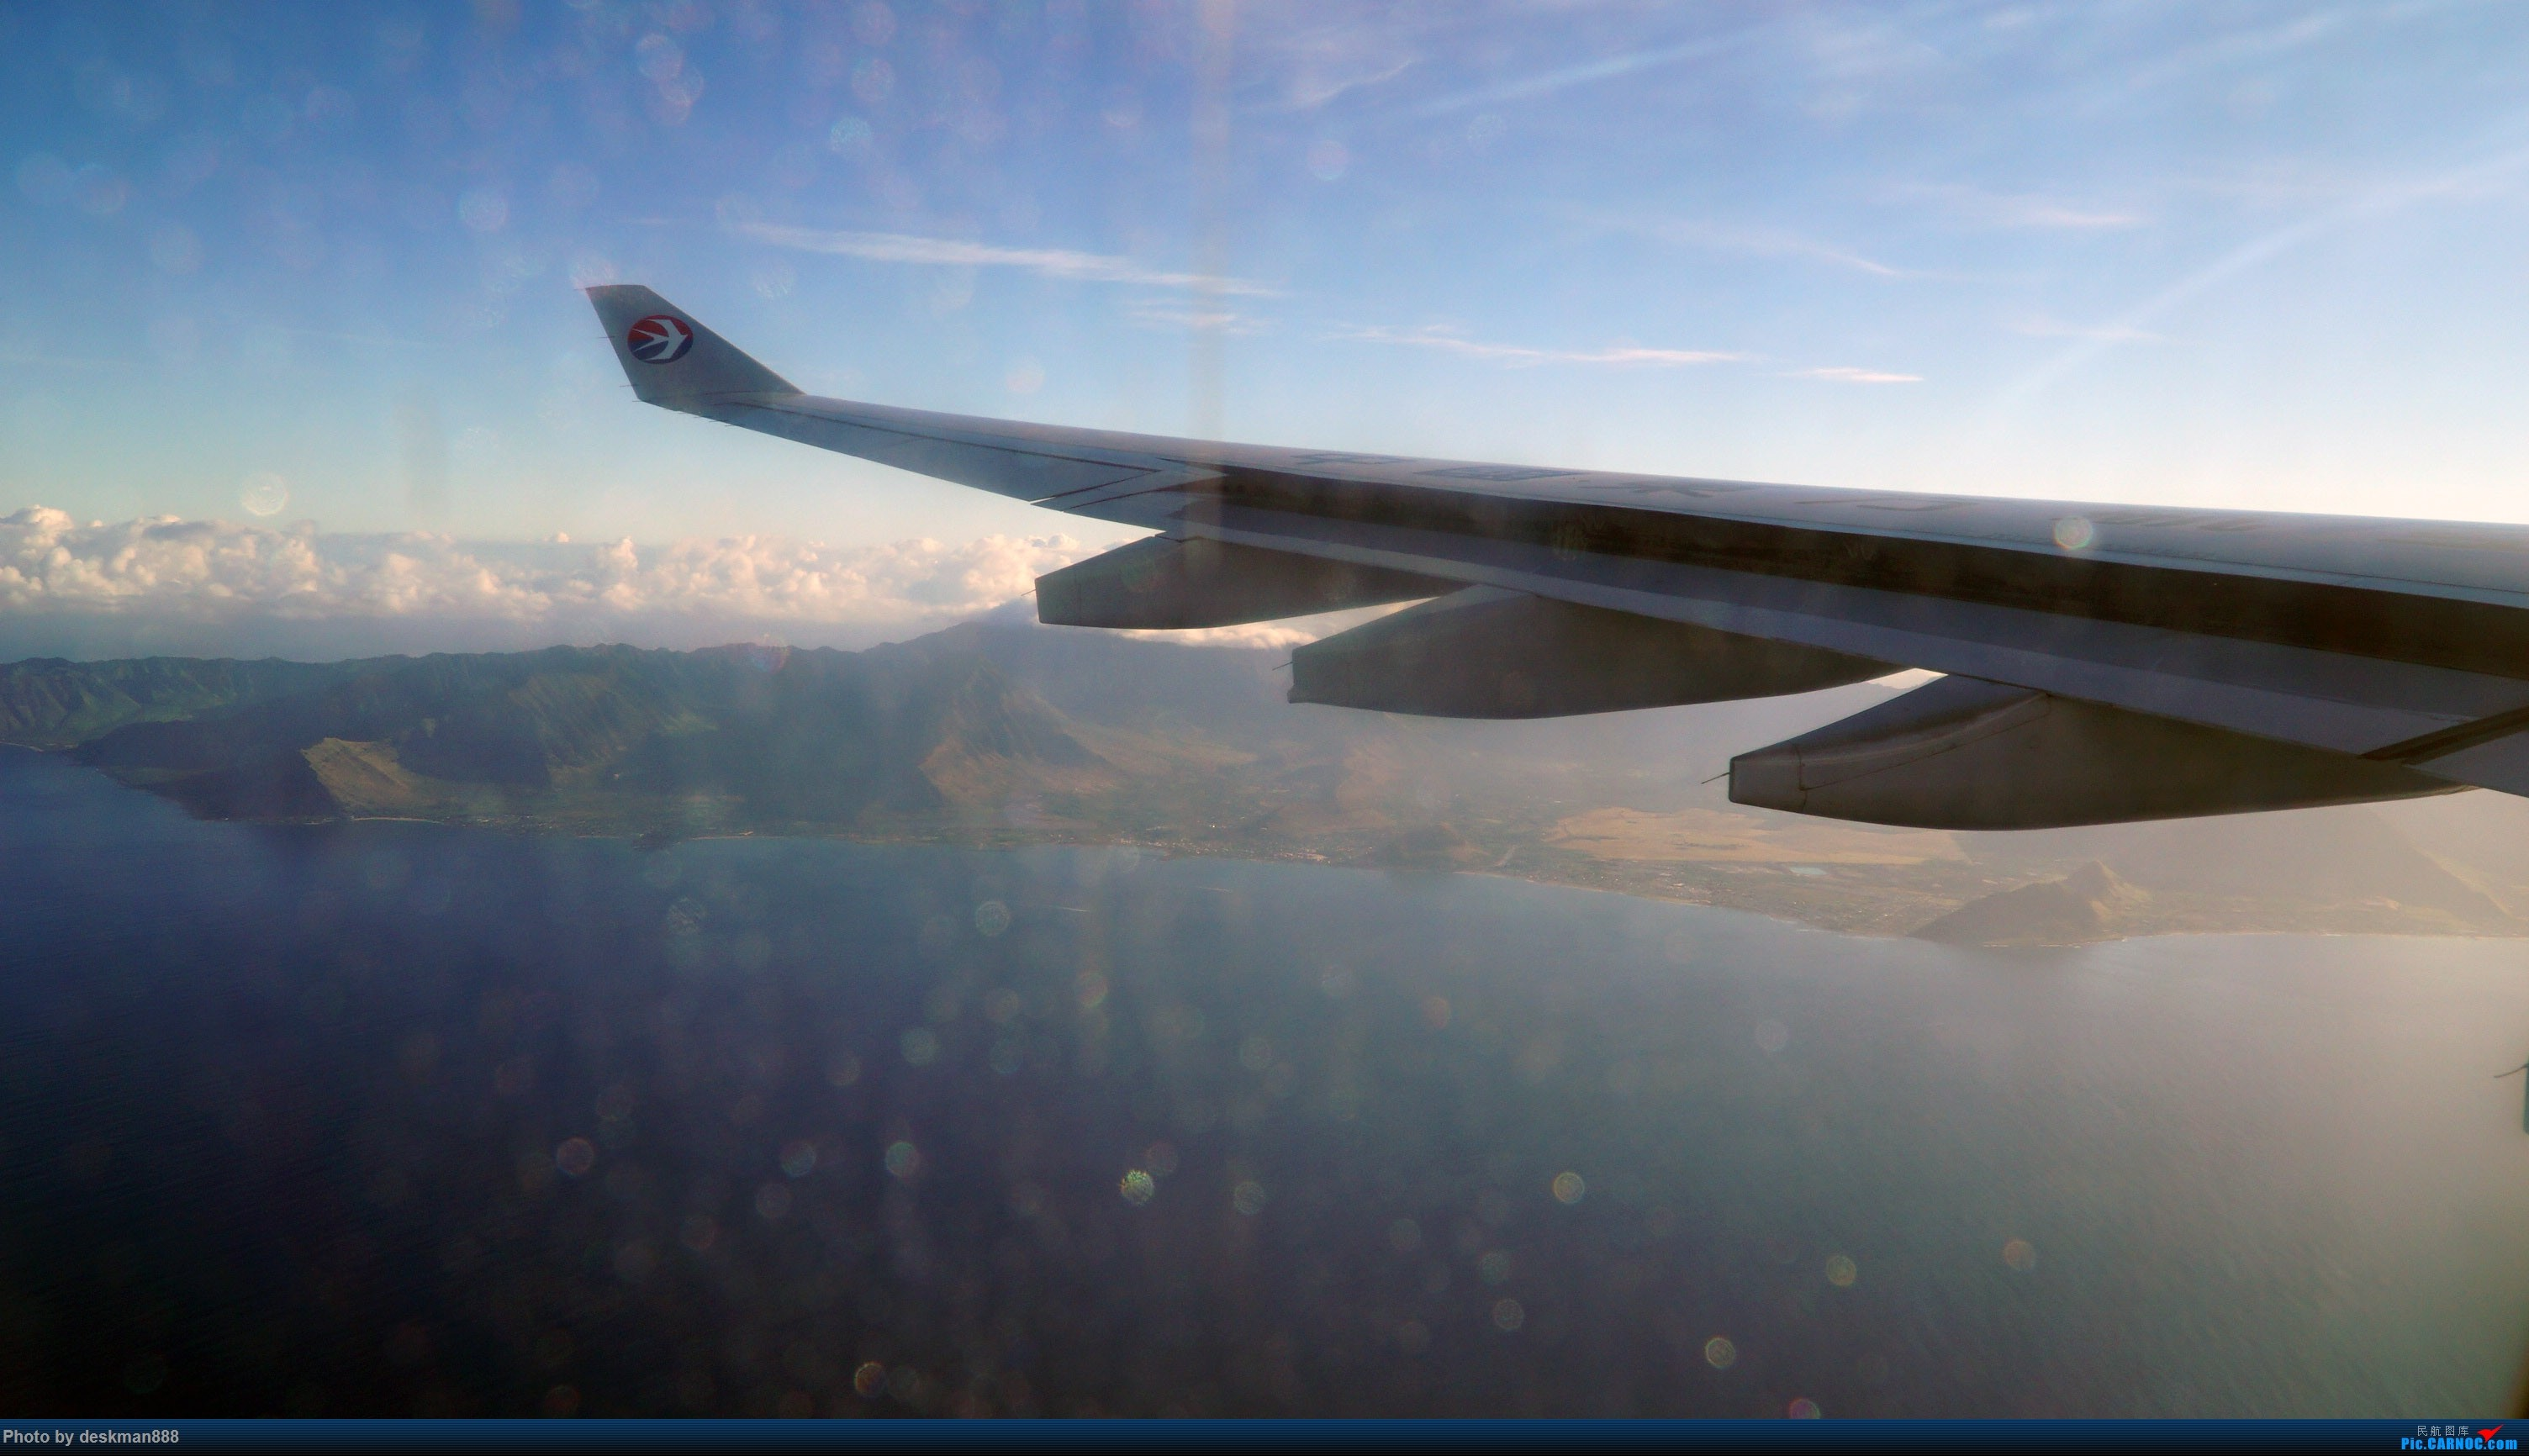 阳光,沙滩,碧海,椰子树——国庆夏威夷之行(上)首次体验夏威夷航空